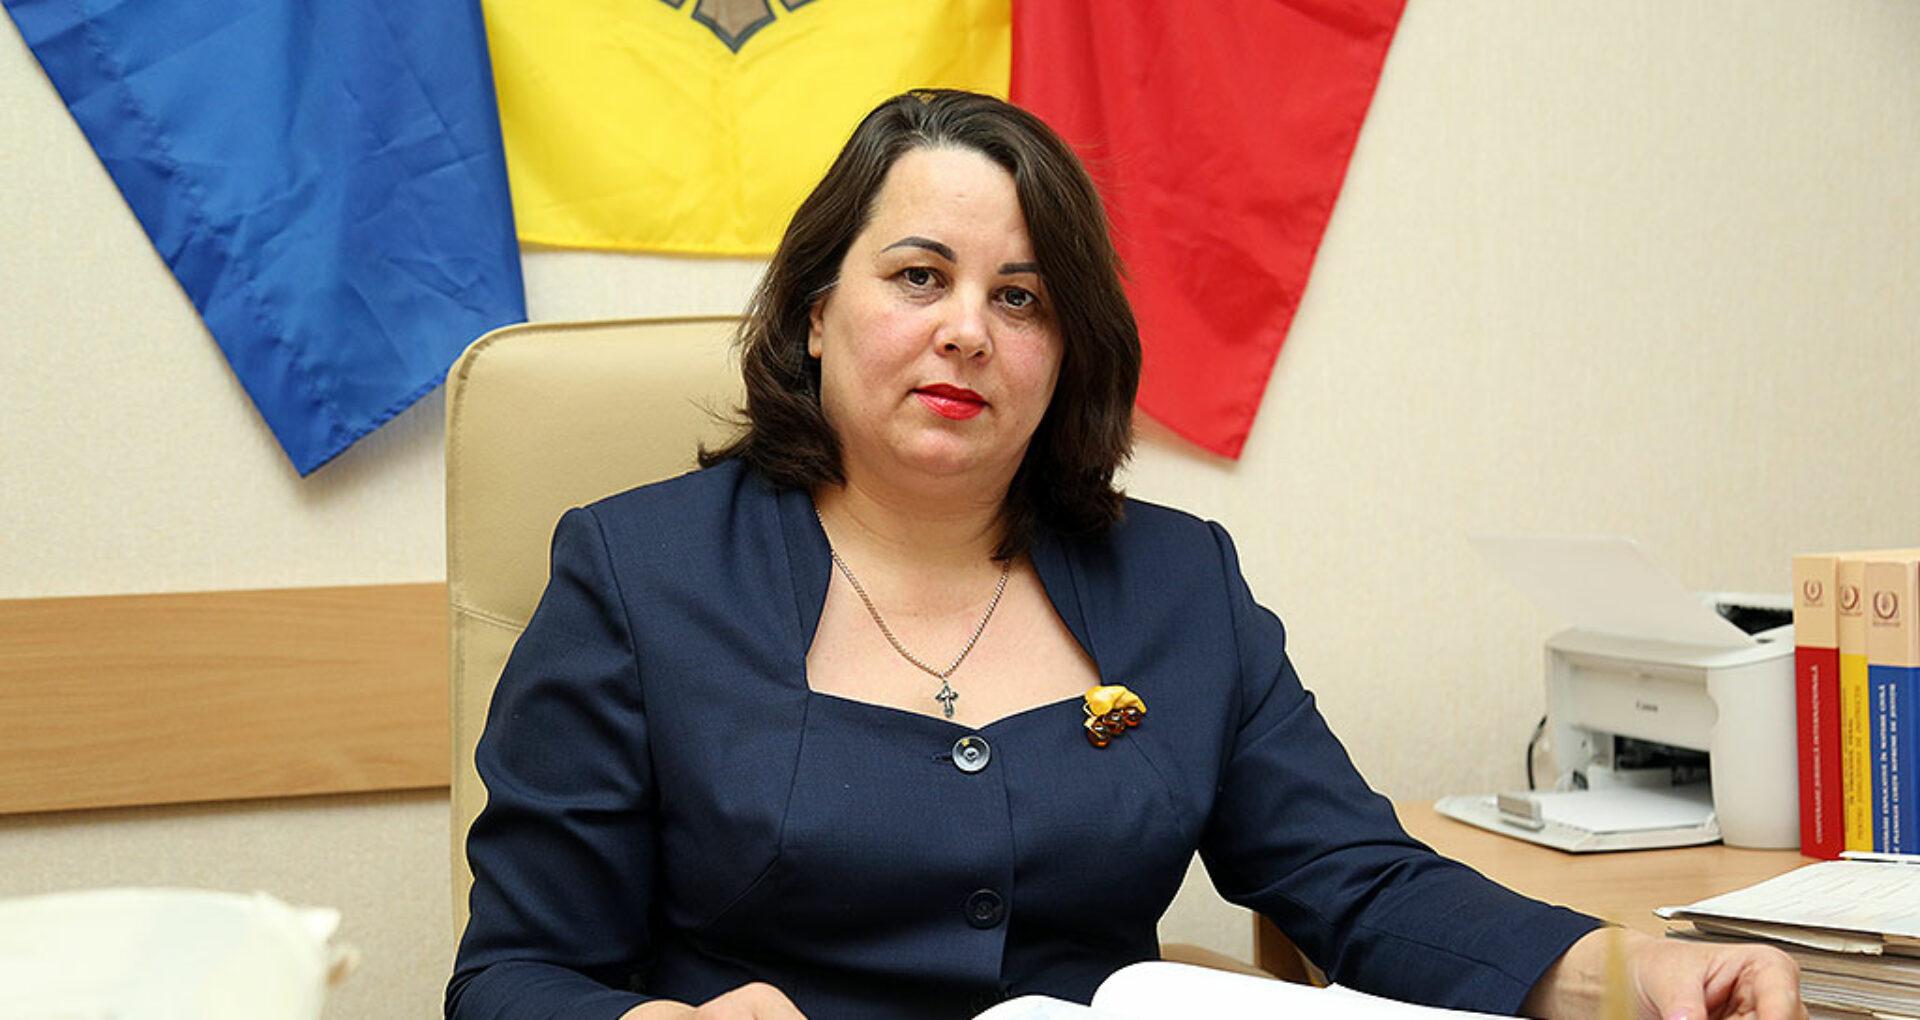 Proiectul privind numirea judecătoarei Viorica Puica la CSJ, exclus de pe ordinea de zi a ședinței Parlamentului